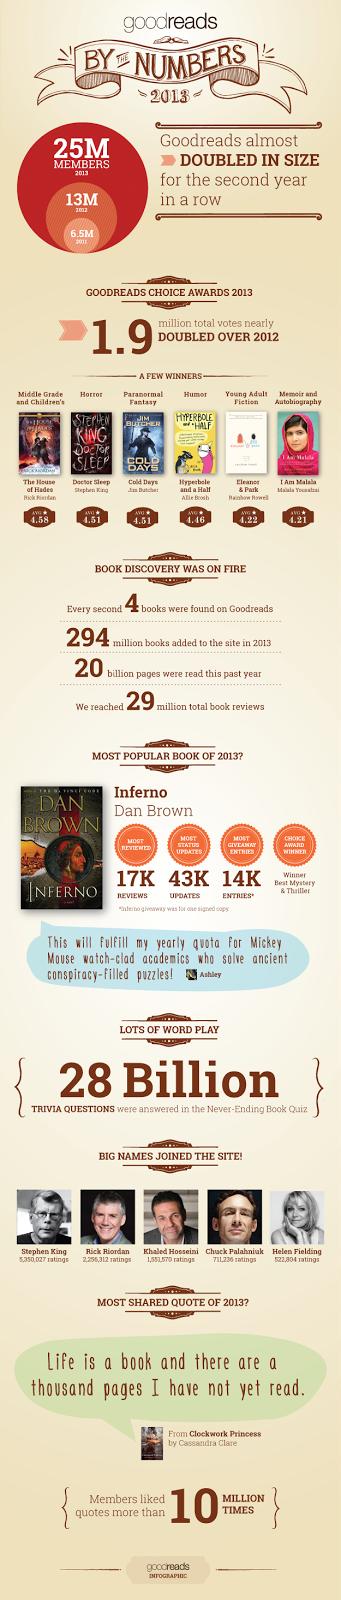 http://leerenpantalla.com/goodreads-en-2013-y-el-crecimiento-de-la-lectura-social/?utm_source=rss&utm_medium=rss&utm_campaign=goodreads-en-2013-y-el-crecimiento-de-la-lectura-social